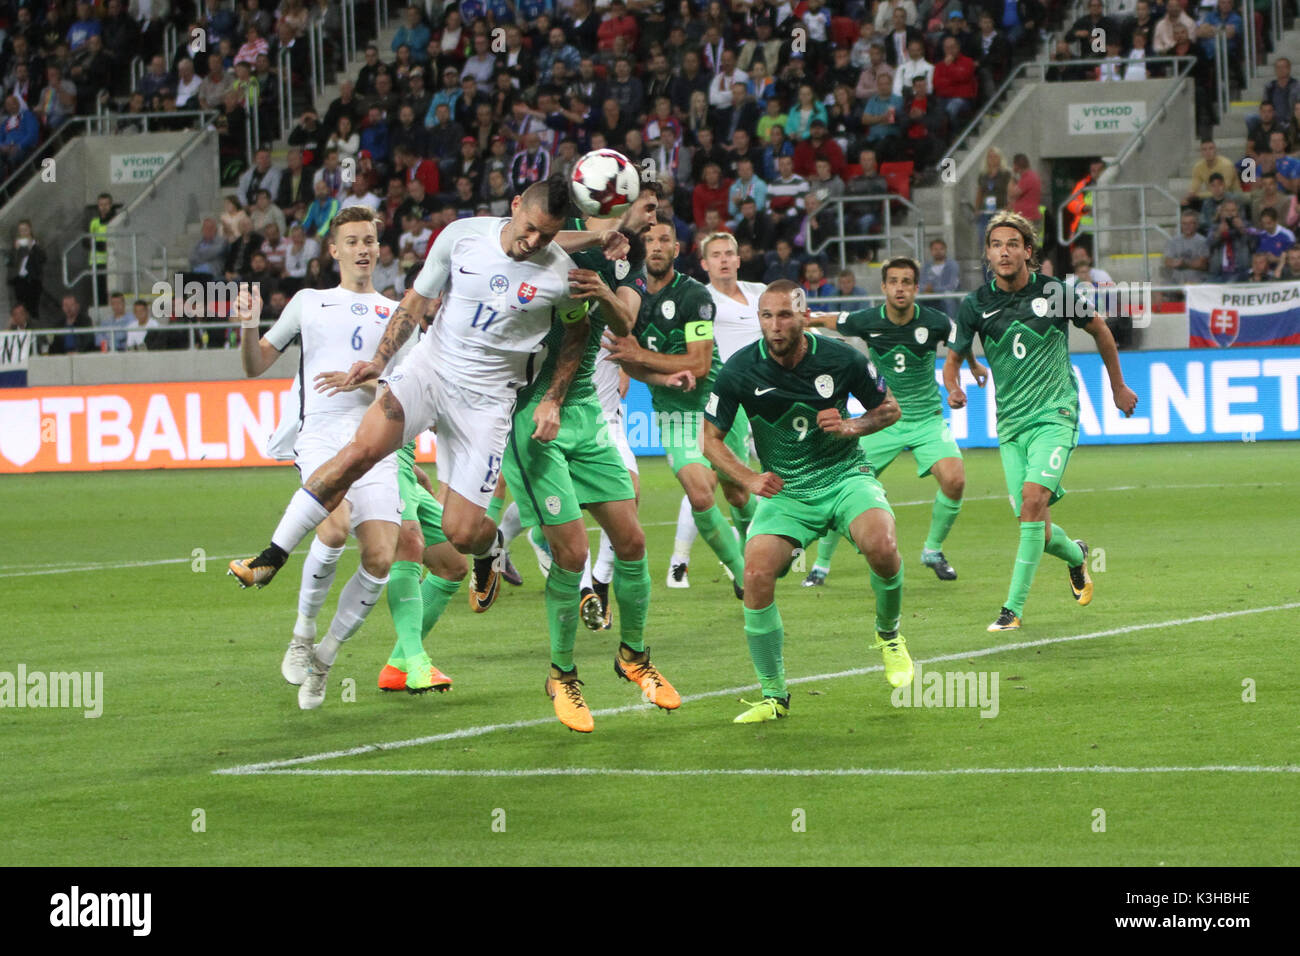 Trnava, Eslovaquia, 1. De septiembre de 2017. Los jugadores en acción durante el 2018 FIFA World Cup match calificación entre Eslovaquia y Eslovenia por 1-0. Imagen De Stock